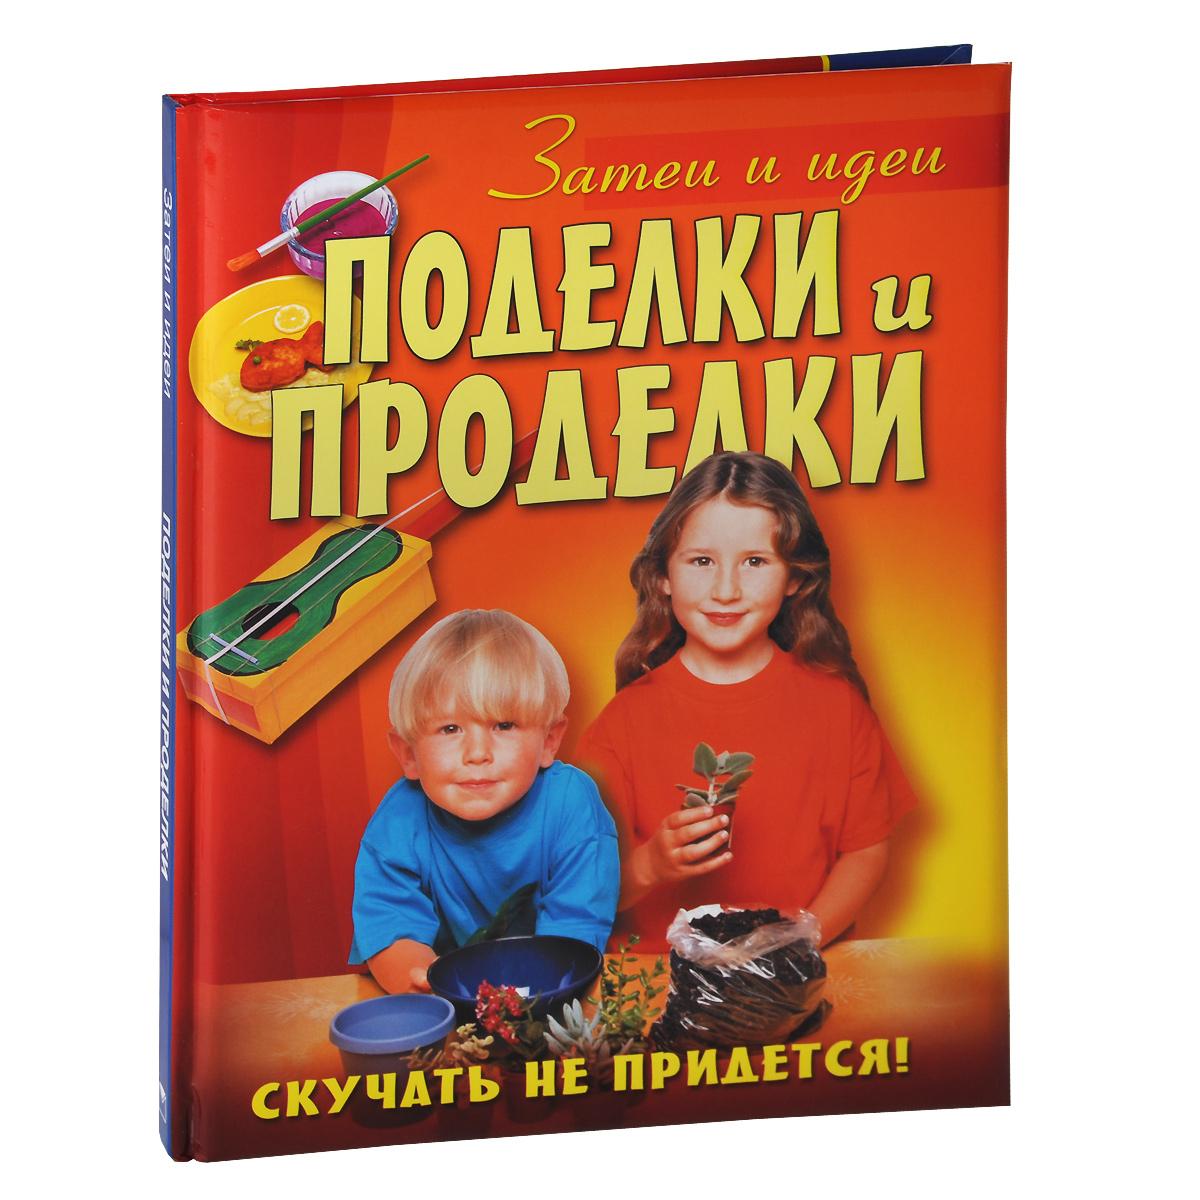 Поделки и проделки12296407Этак книга, плюс минимальная помощь взрослого - и юный читатель сможет изготовить несложные приборы для увлекательных экспериментов, смастерить замечательные музыкальные инструменты из подручных материалов и научиться играть на них, приготовить интересные блюда, вырастить необычные растения. Ведь каждый предмет может превратиться в увлекательный инструмент познания мира, полезную и красивую поделку или фантастически интересный артефакт, который порадует не только тебя, но и твоих друзей и родных.